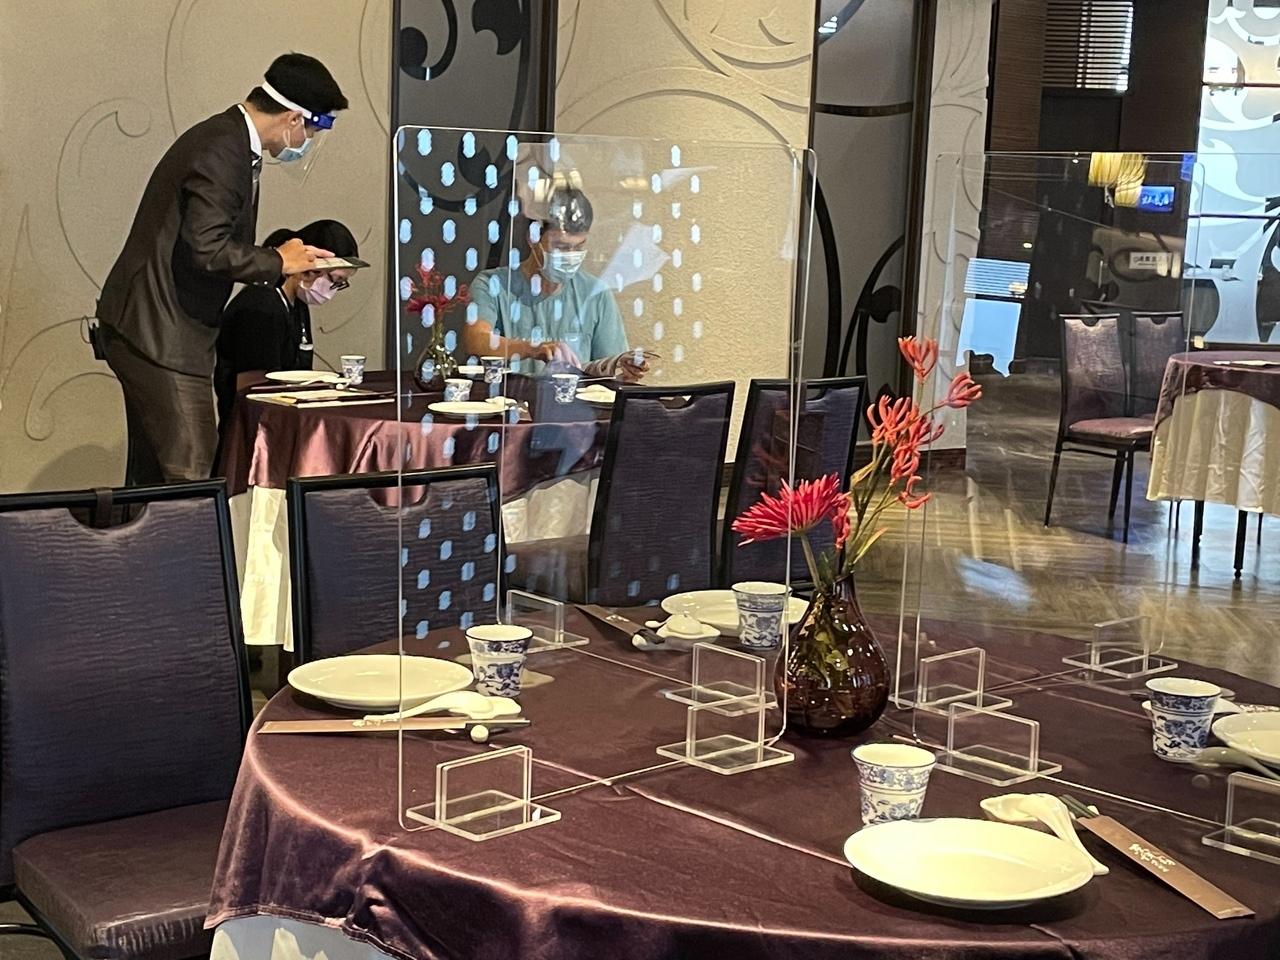 高雄富野渡假酒店在防疫降級後為新人舉辦首攤文訂婚宴,一桌5人,以隔板隔開用餐空間。記者徐如宜/攝影